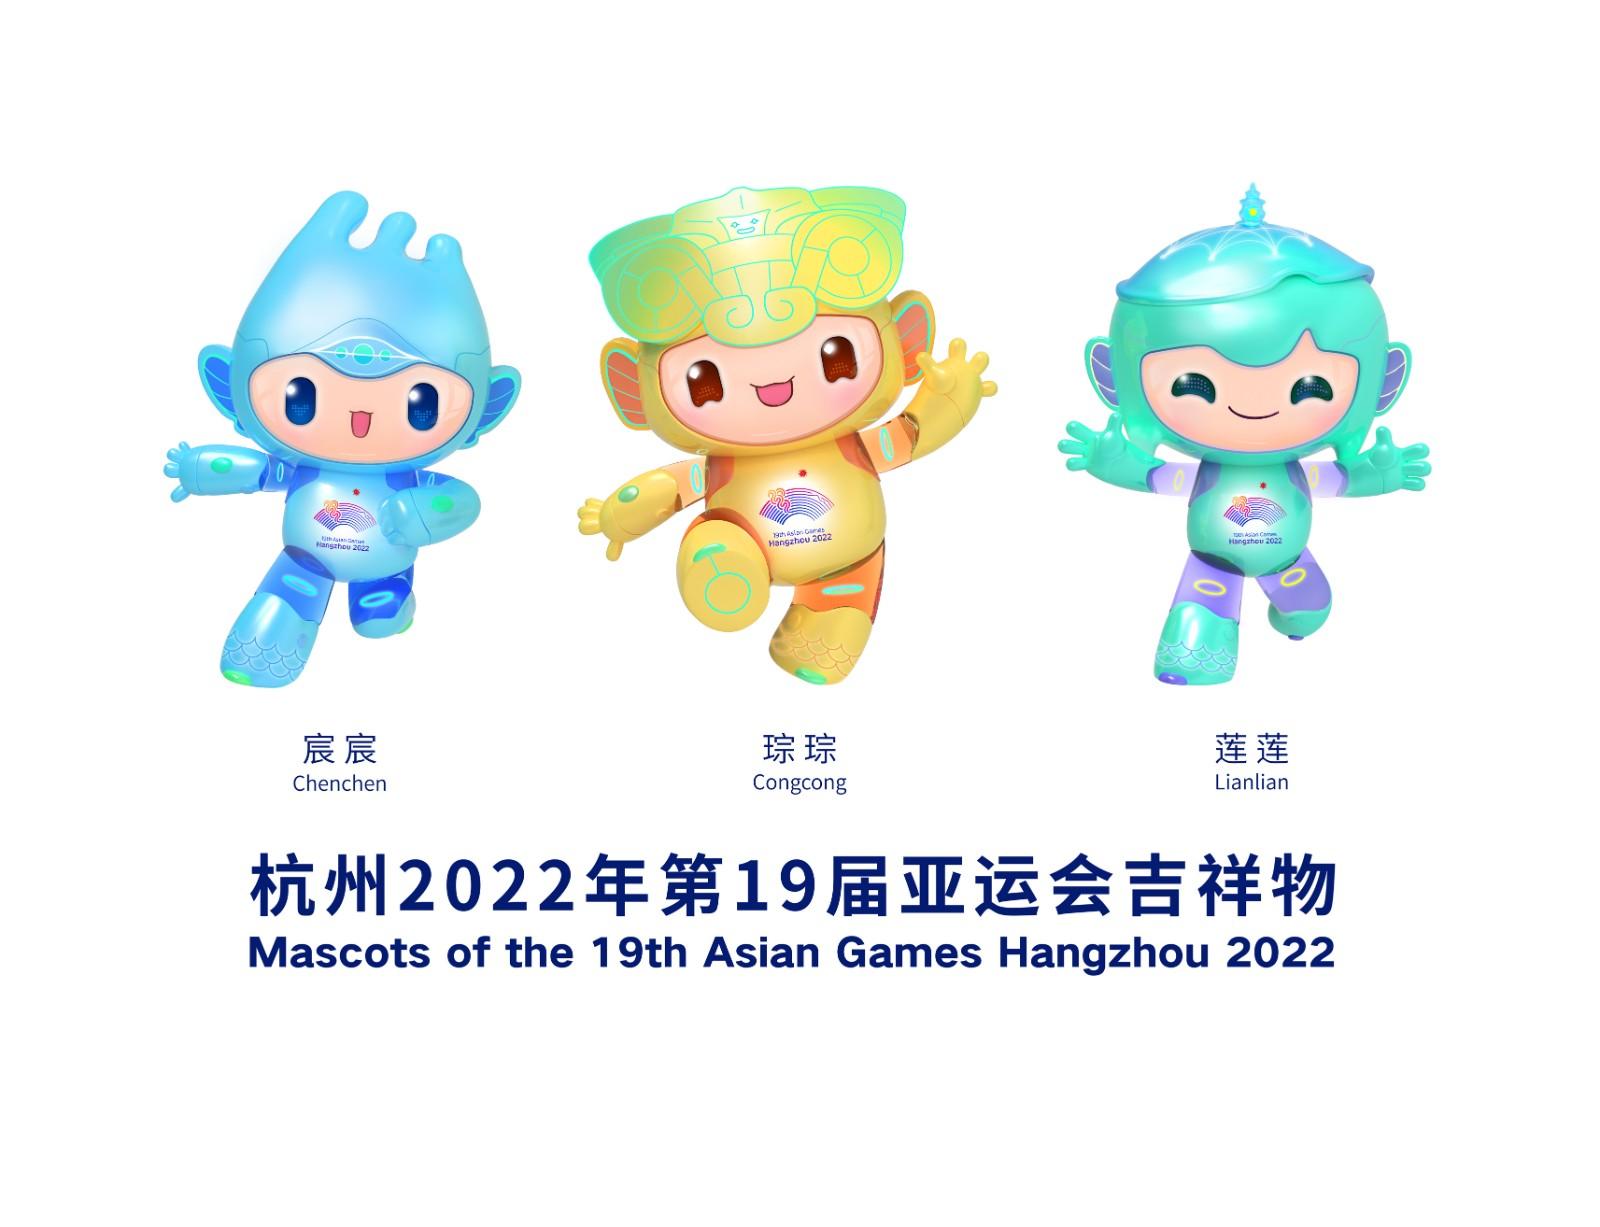 杭州亚运会吉祥物发布 形象源自三大世界遗产_图1-1